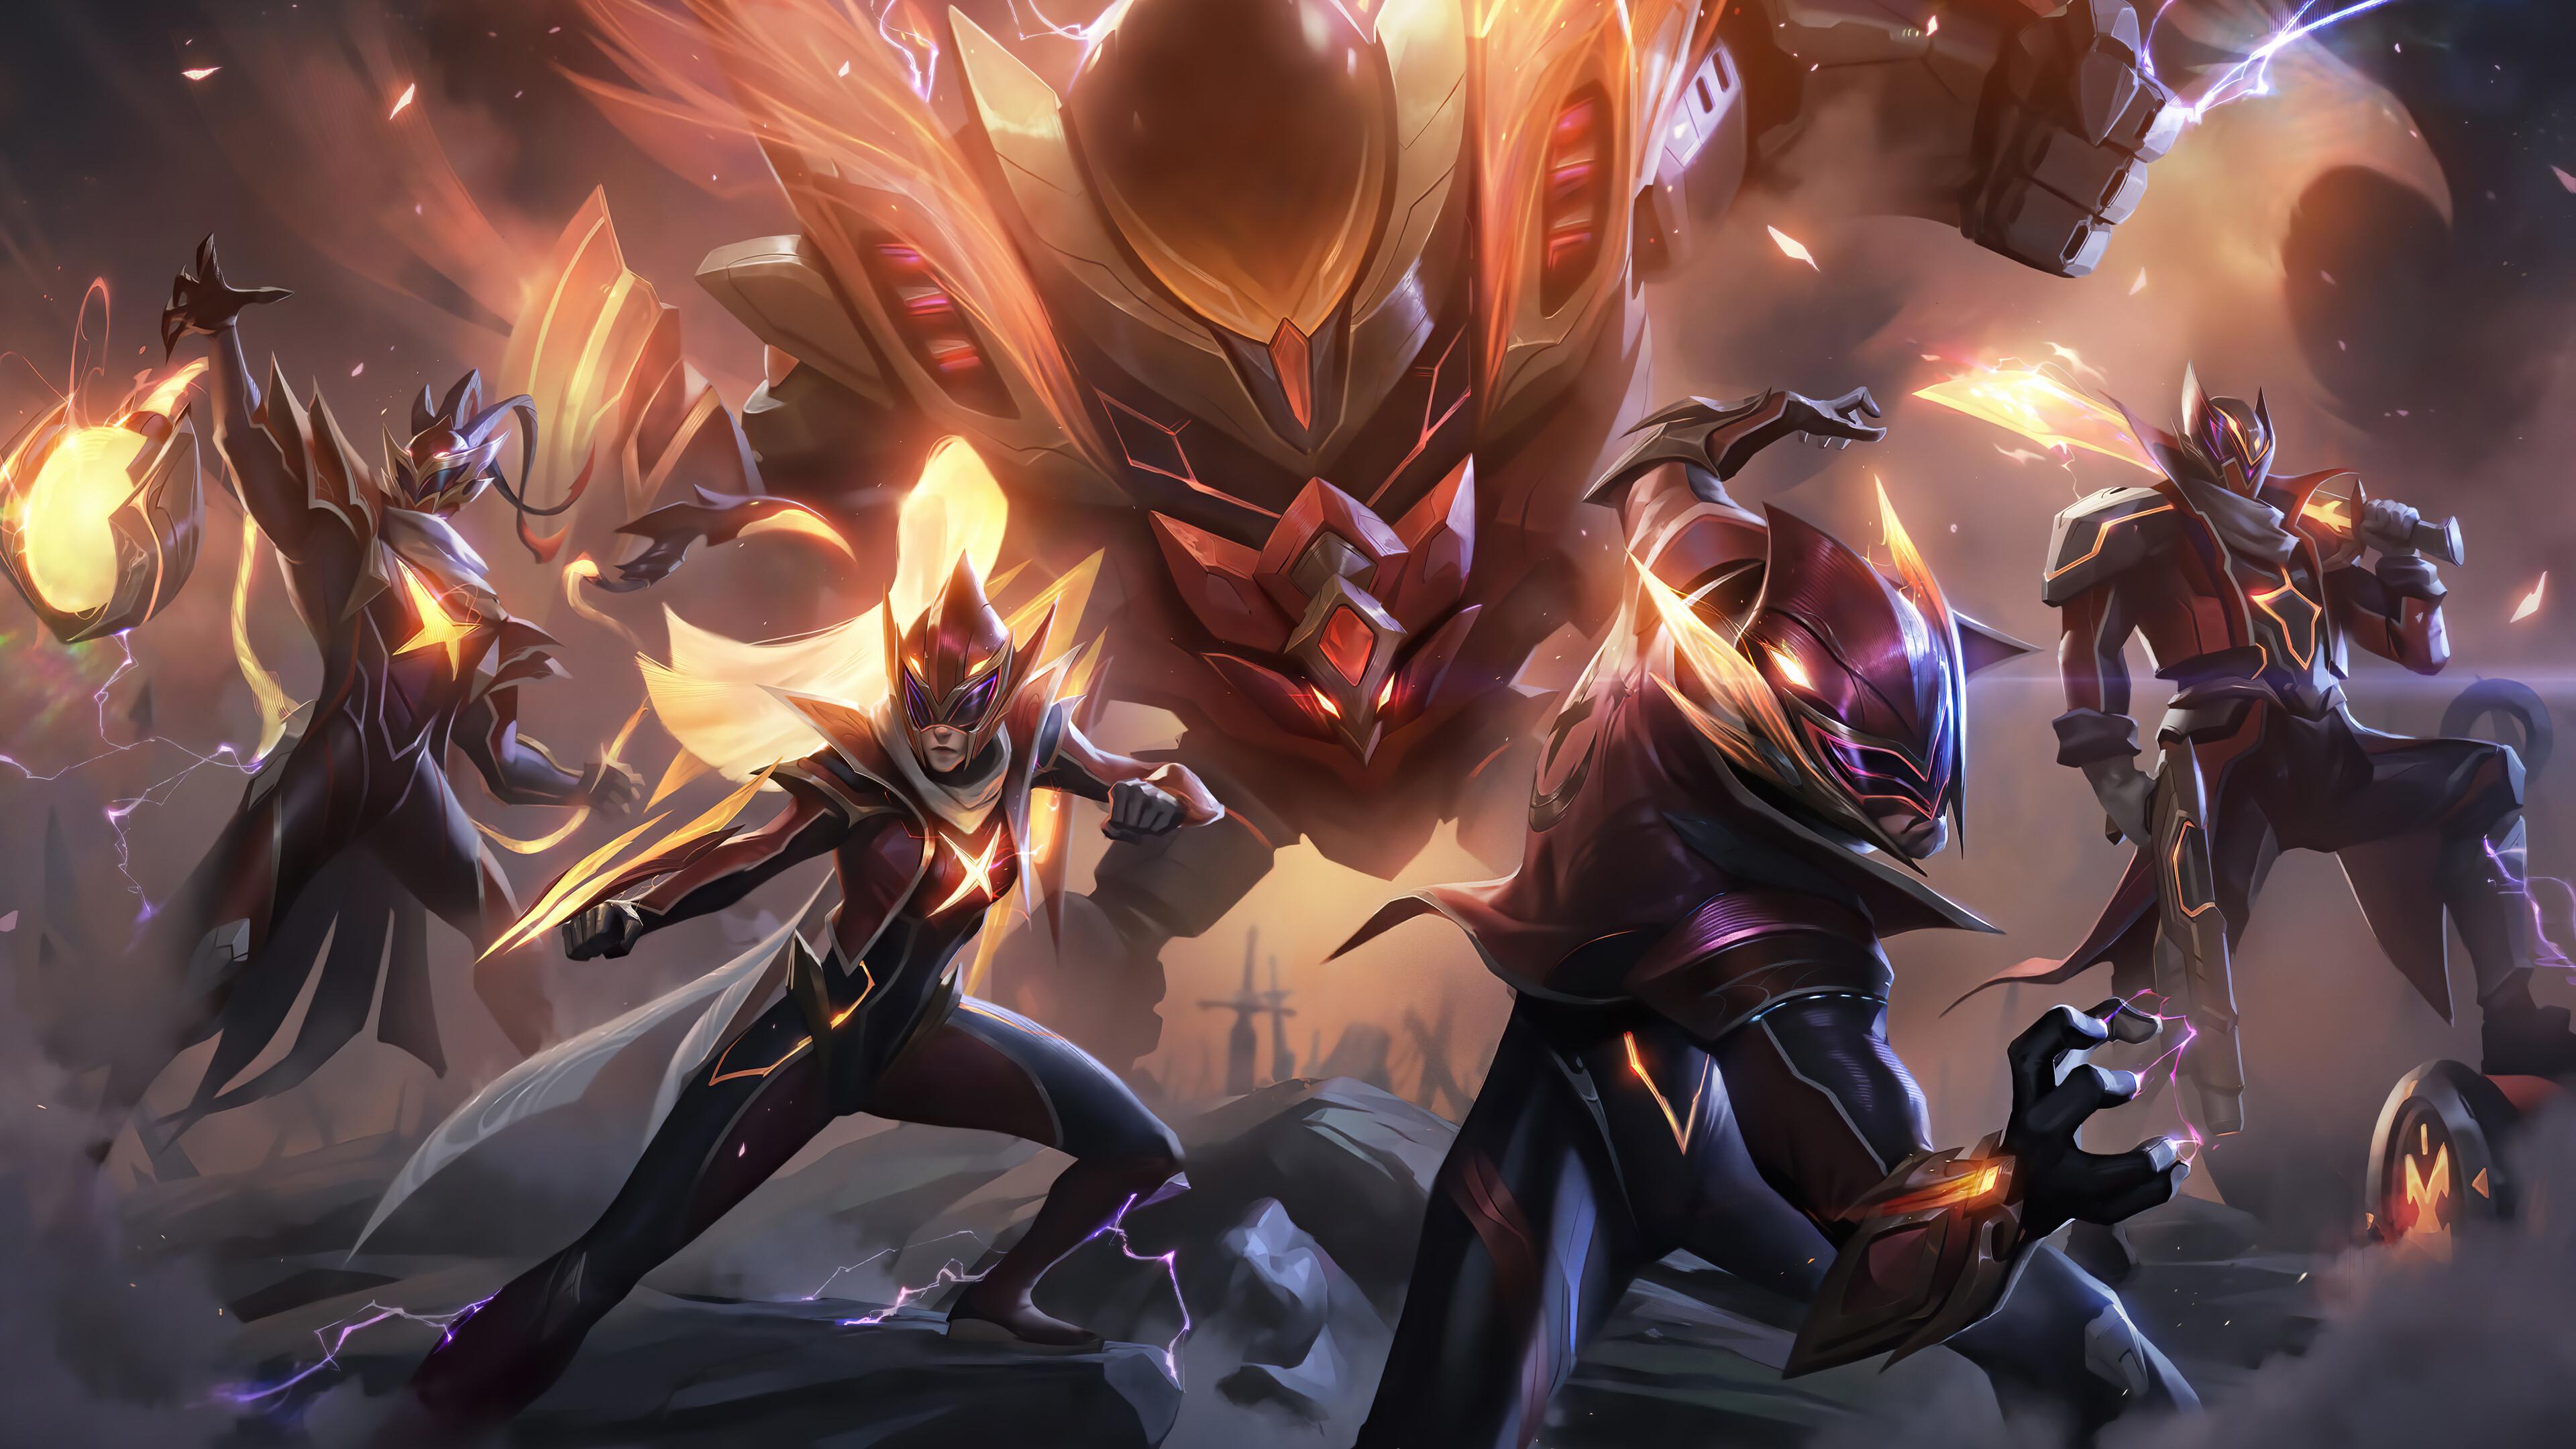 Wallpaper Lee Sin Lee Sin League Of Legends Vayne League Of